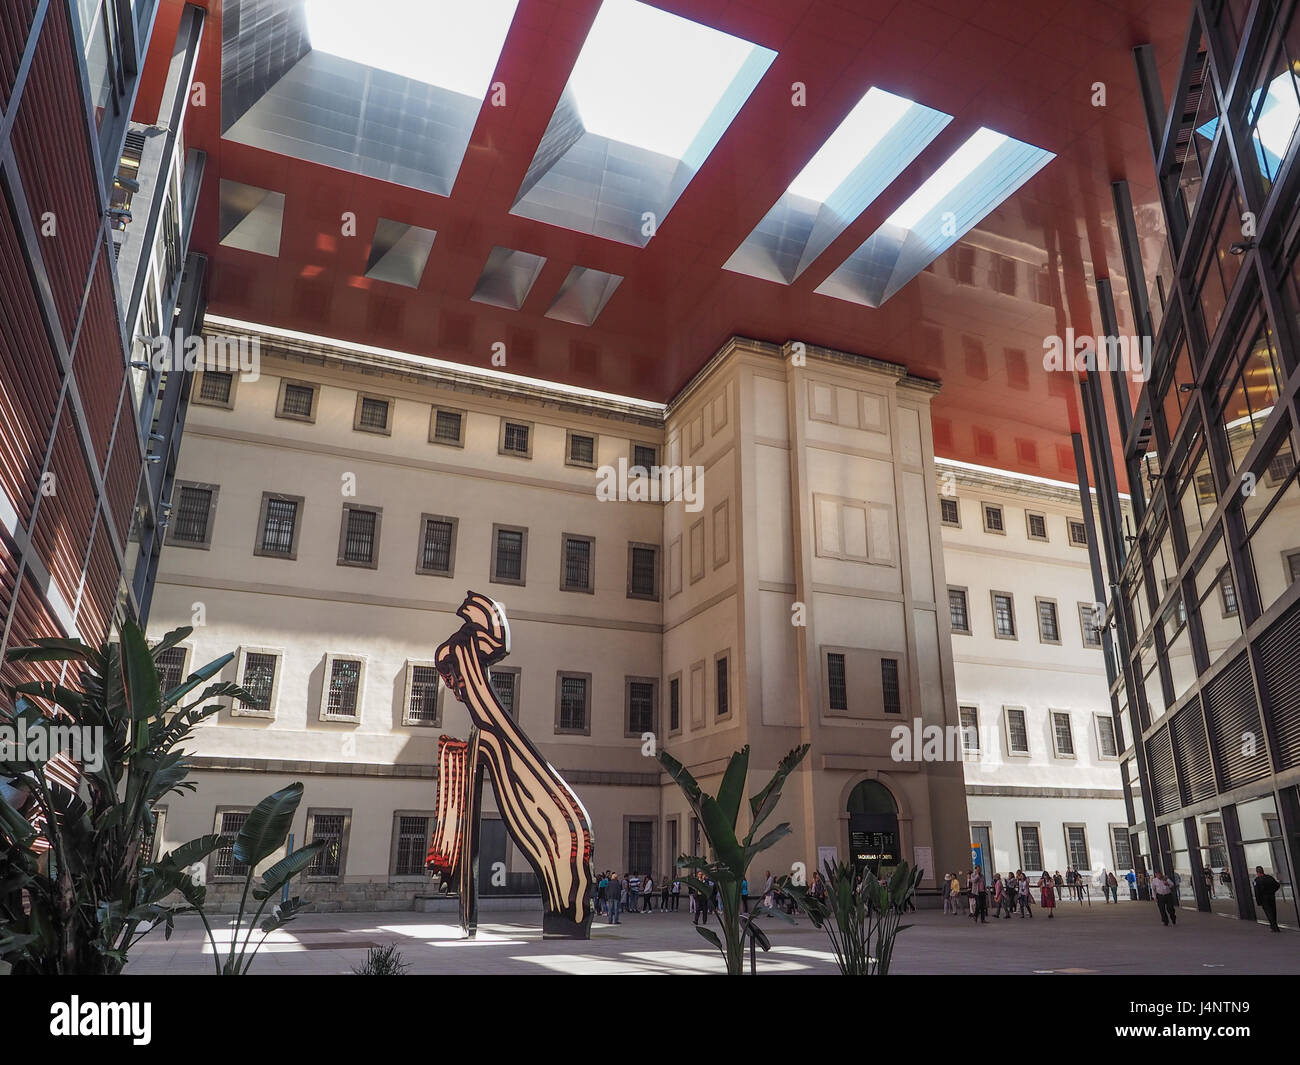 Museo Reina Sofia.A View Inside Museum Museo Reina Sofia Court Atrium Architecture